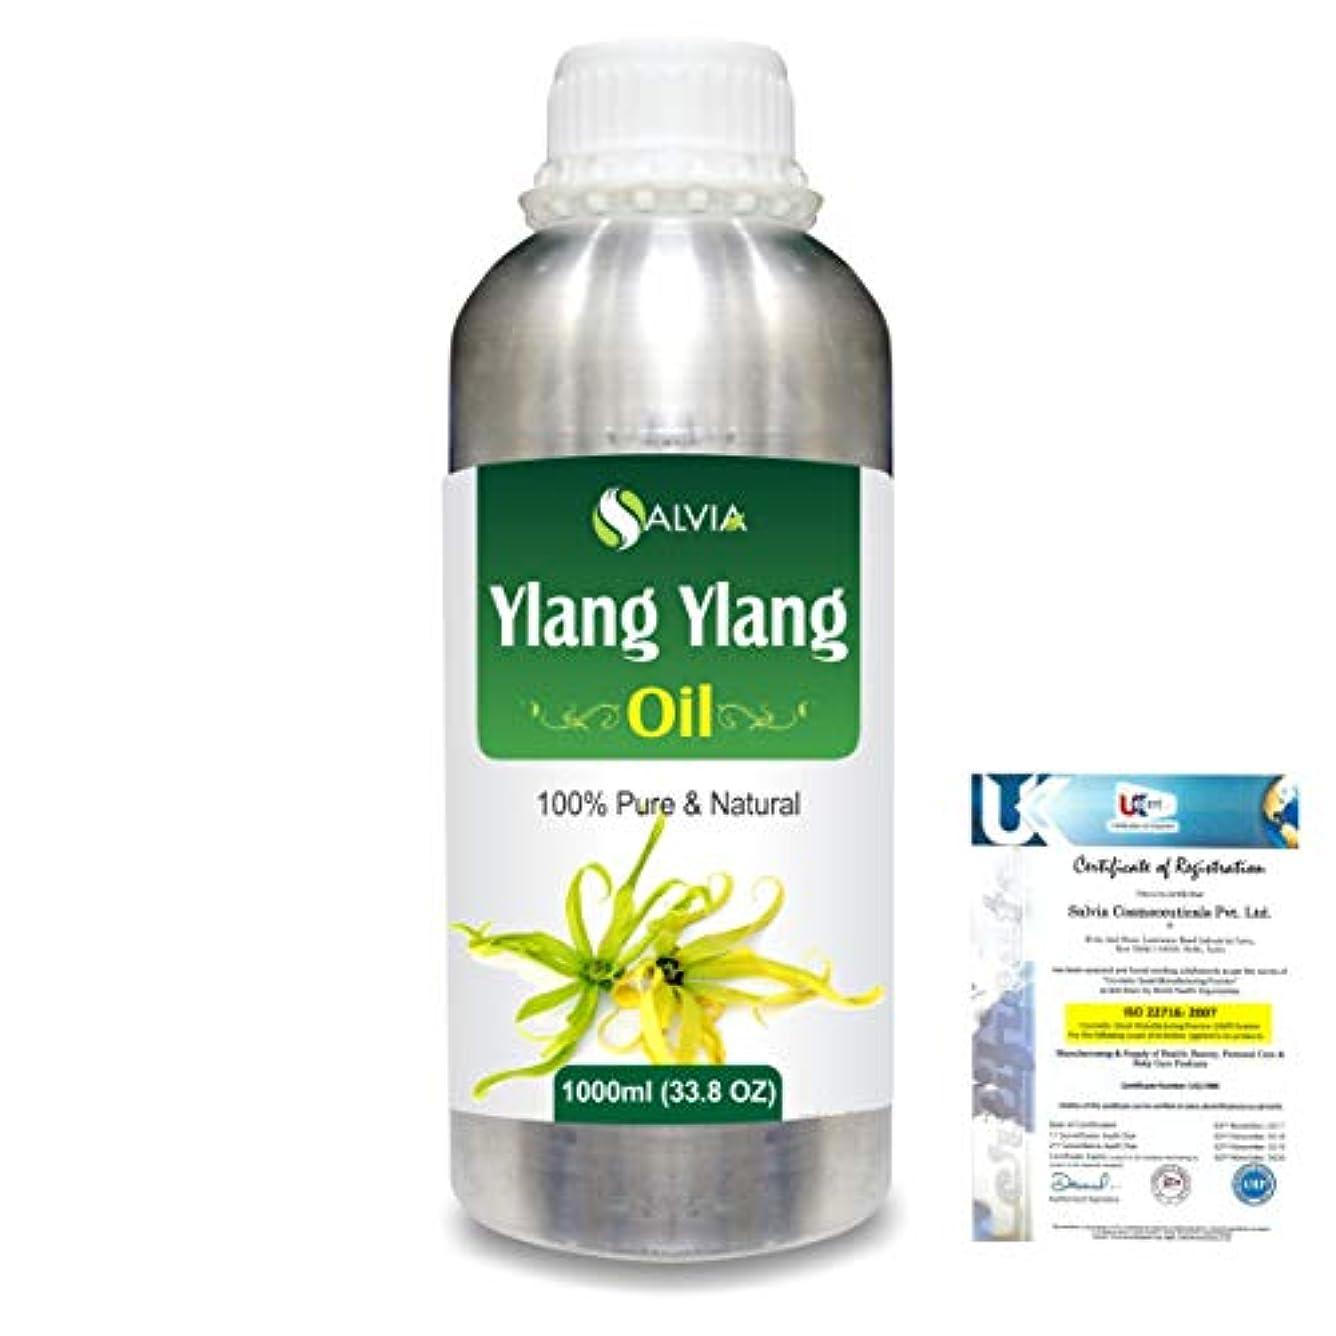 契約するその間Ylang Ylang (Cananga Odorata) 100% Natural Pure Essential Oil 1000ml/33.8fl.oz.